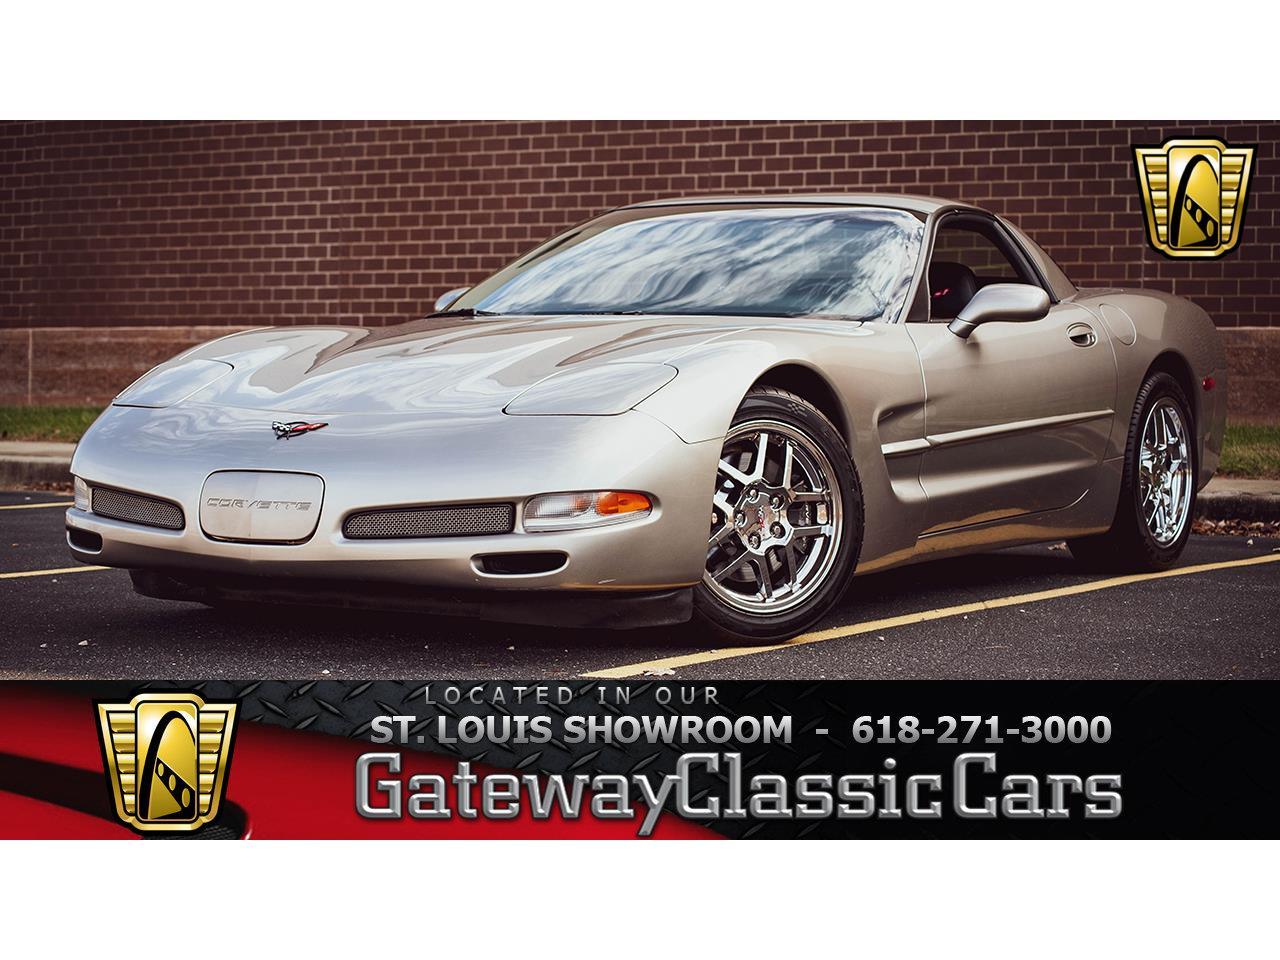 1999 Corvette For Sale >> For Sale 1999 Chevrolet Corvette In O Fallon Illinois